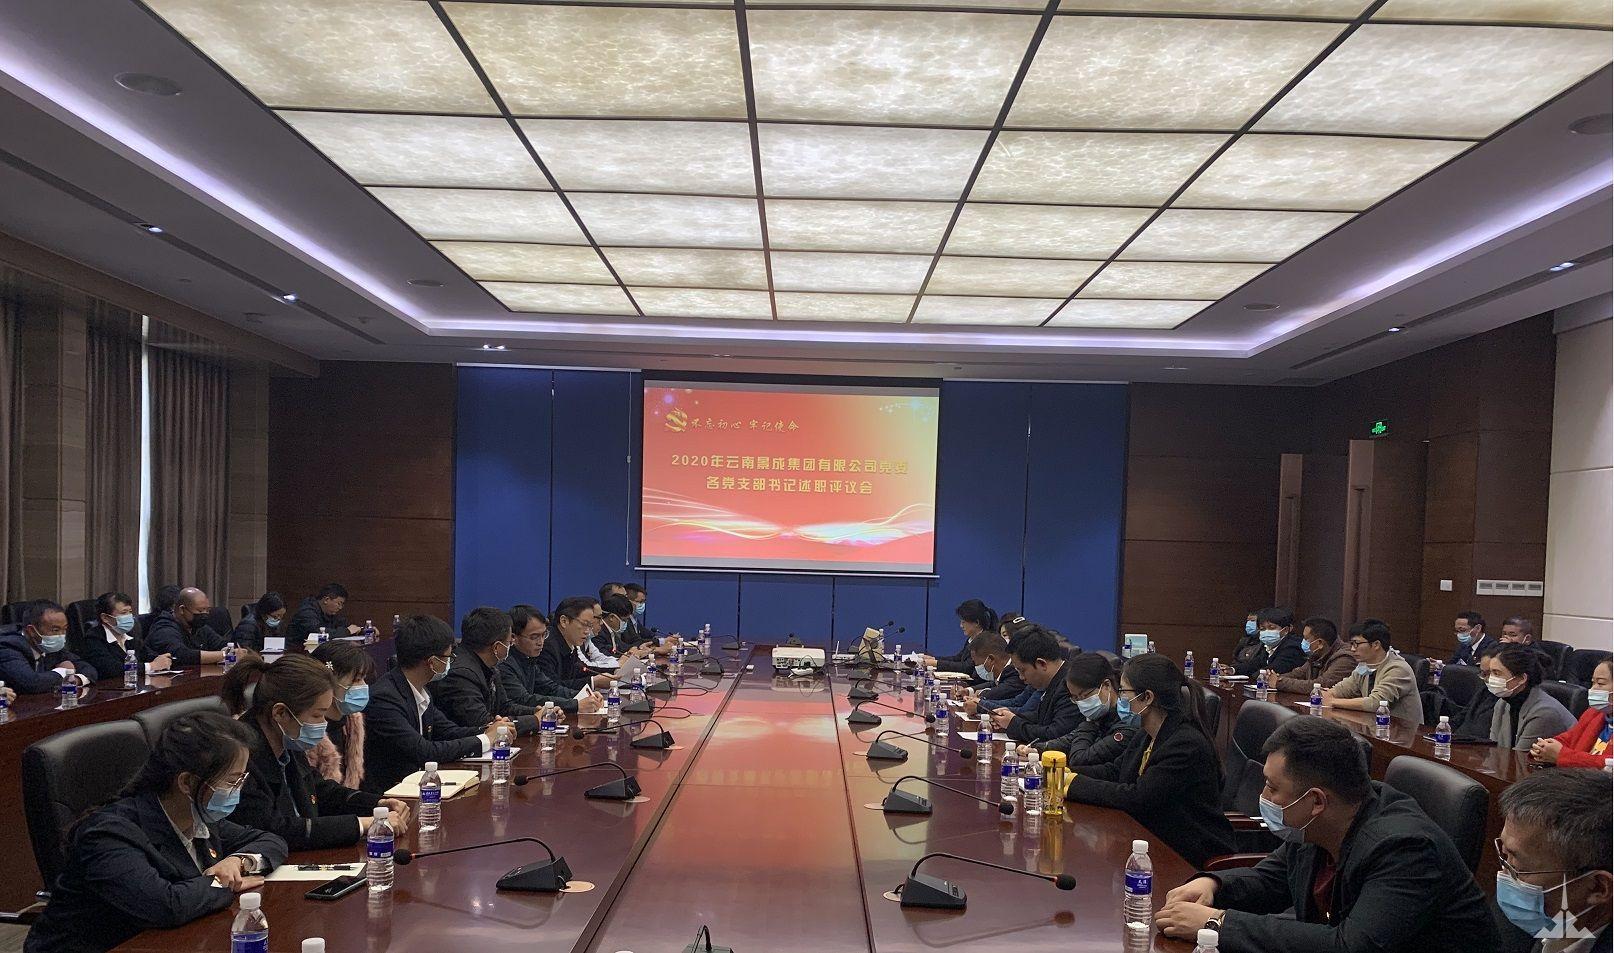 景成集团党委召开2020年党支部书记述职评议暨民主评议党员大会